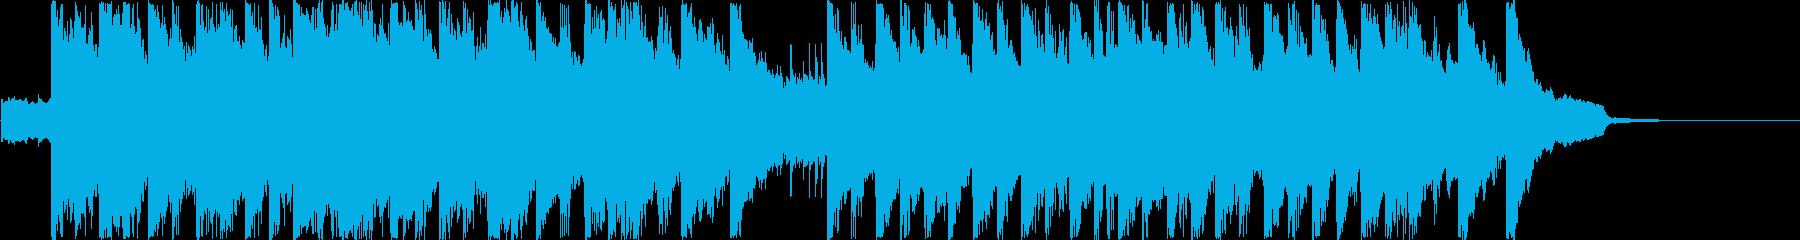 テンポの良いポップス シンセピアノの再生済みの波形